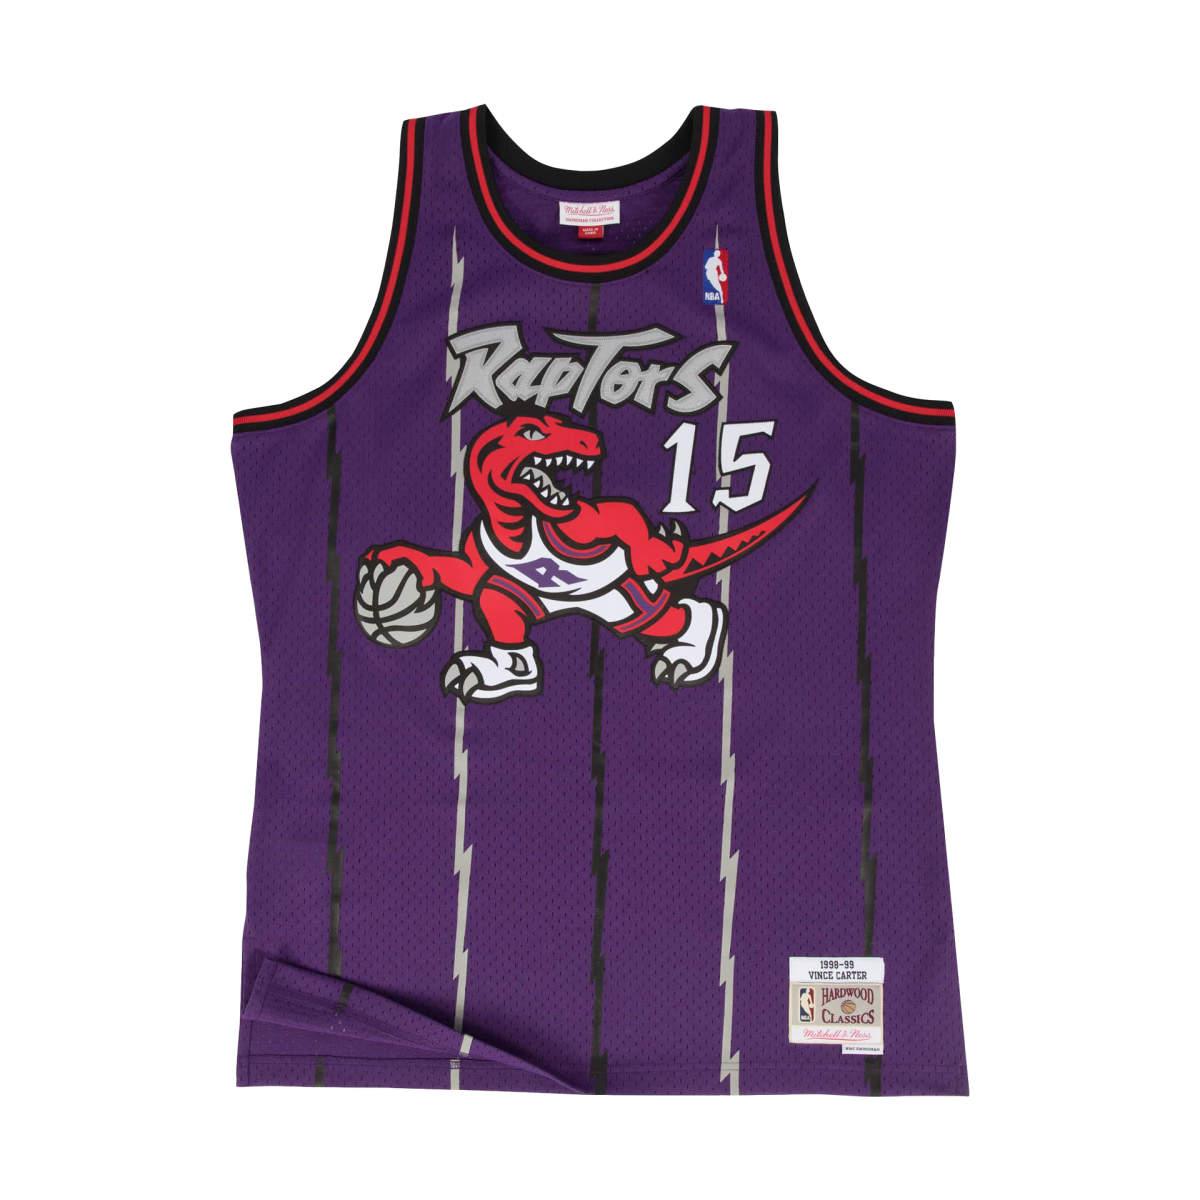 Toronto raptors away swingman jersey 1998-99 carter